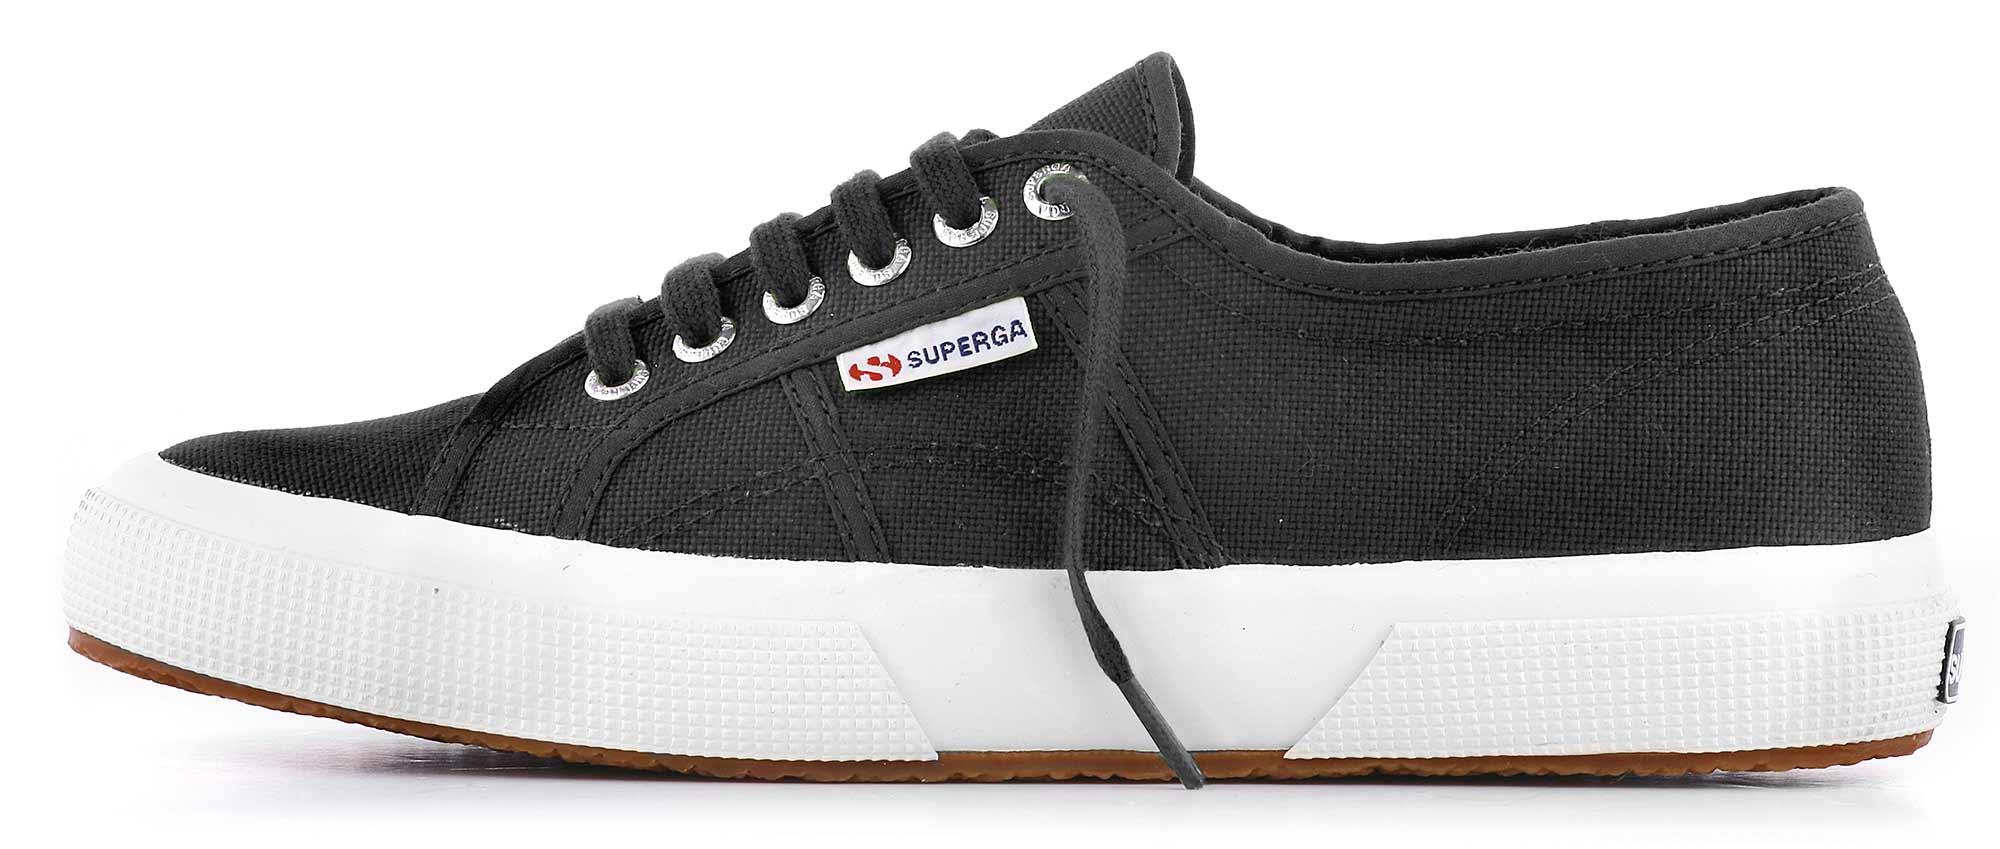 Superga Sneaker Donna Scarpe Da Ginnastica Cotu Classic s001820 f67 GREY GRIGIO NUOVO